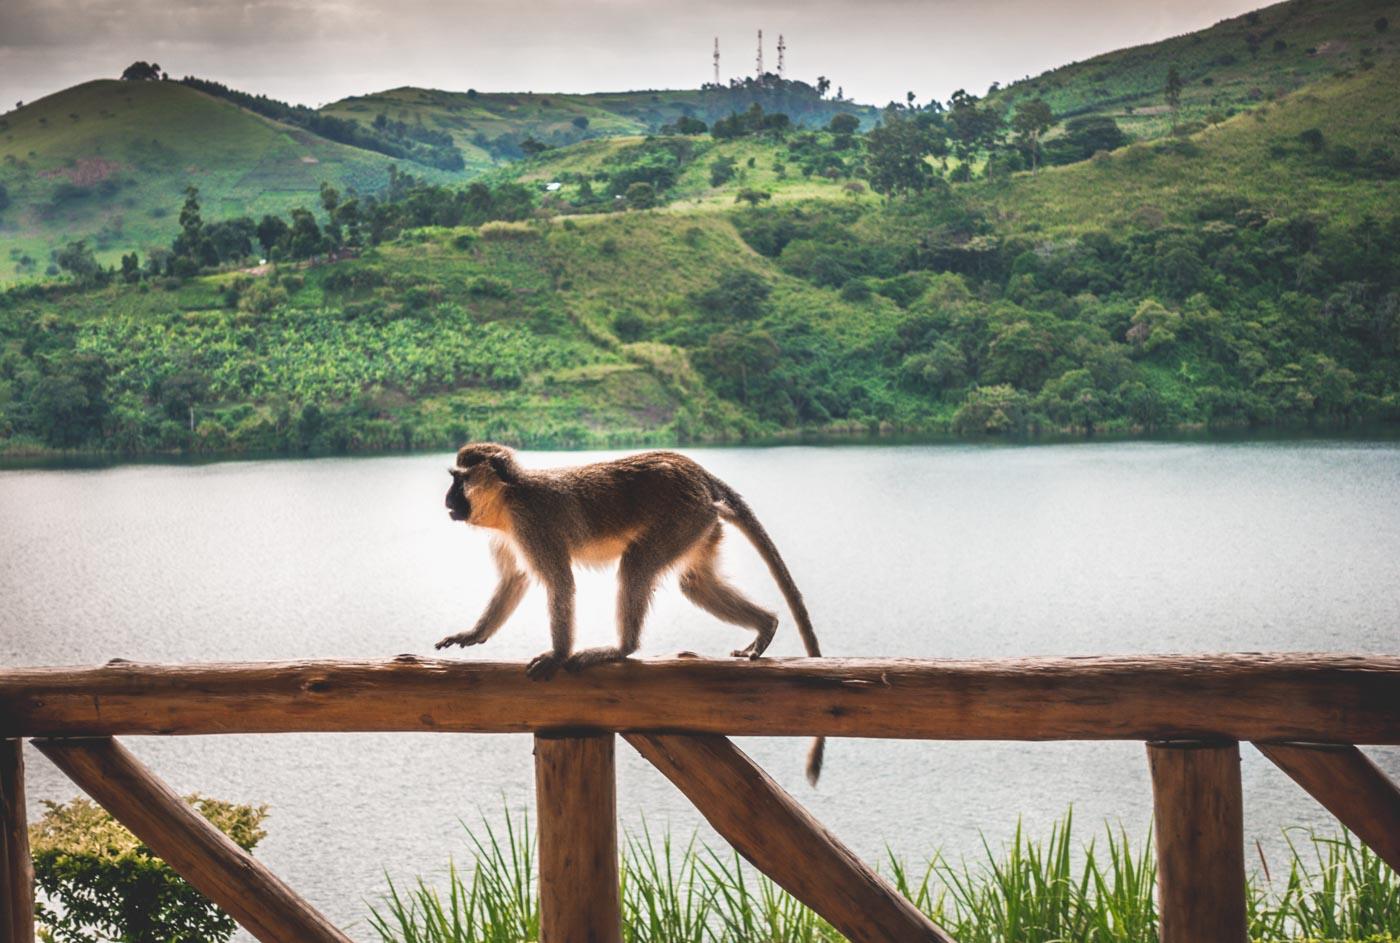 Friendly visitor at the Crater Safari Lodge in Uganda